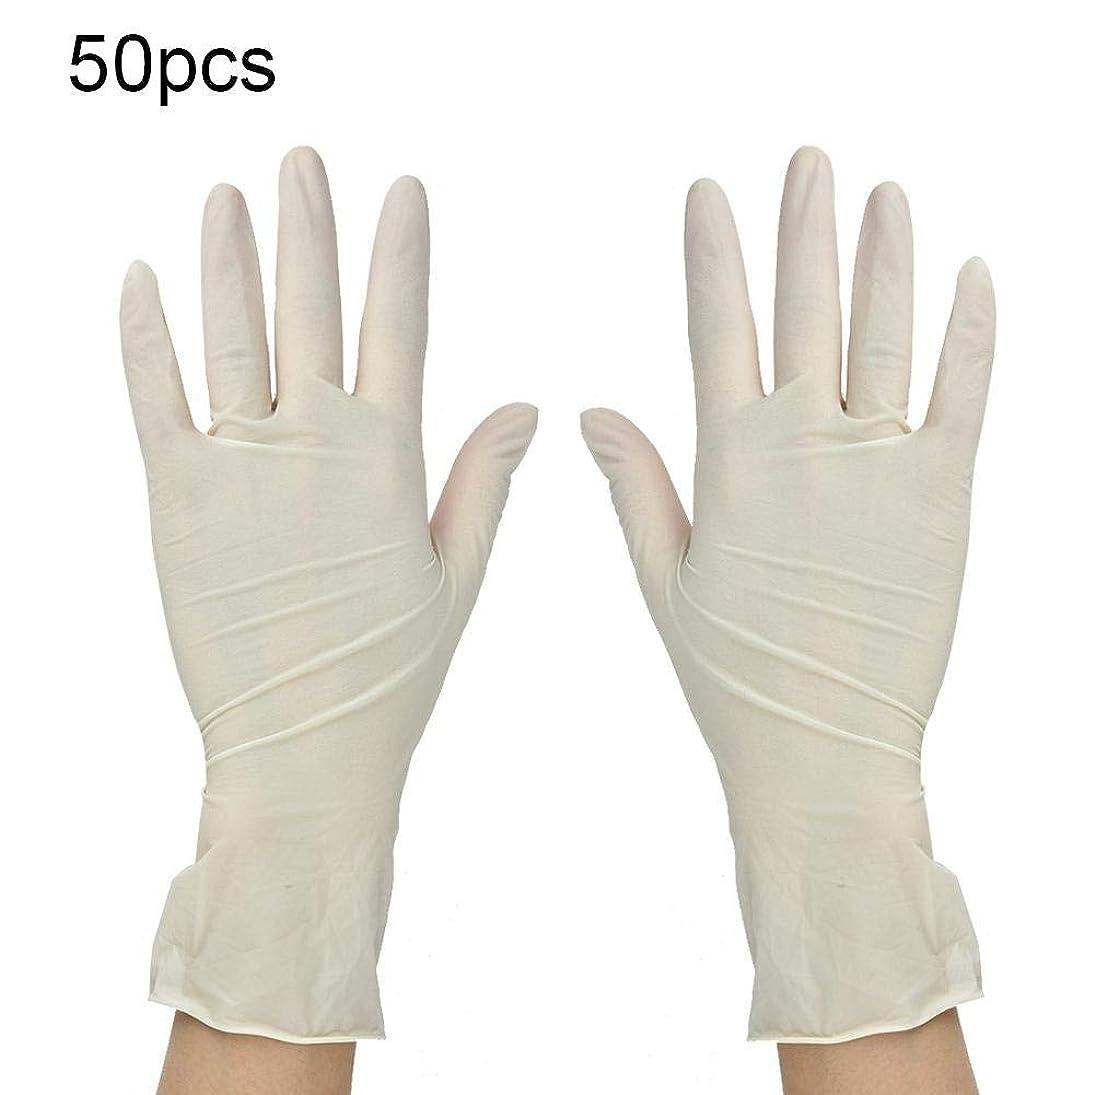 憂鬱蘇生するおとなしい50ペア/パック使い捨て手袋 エクストラストロングラテックスグローブ 美容院医療歯科 サービスクリーニング手袋(S)